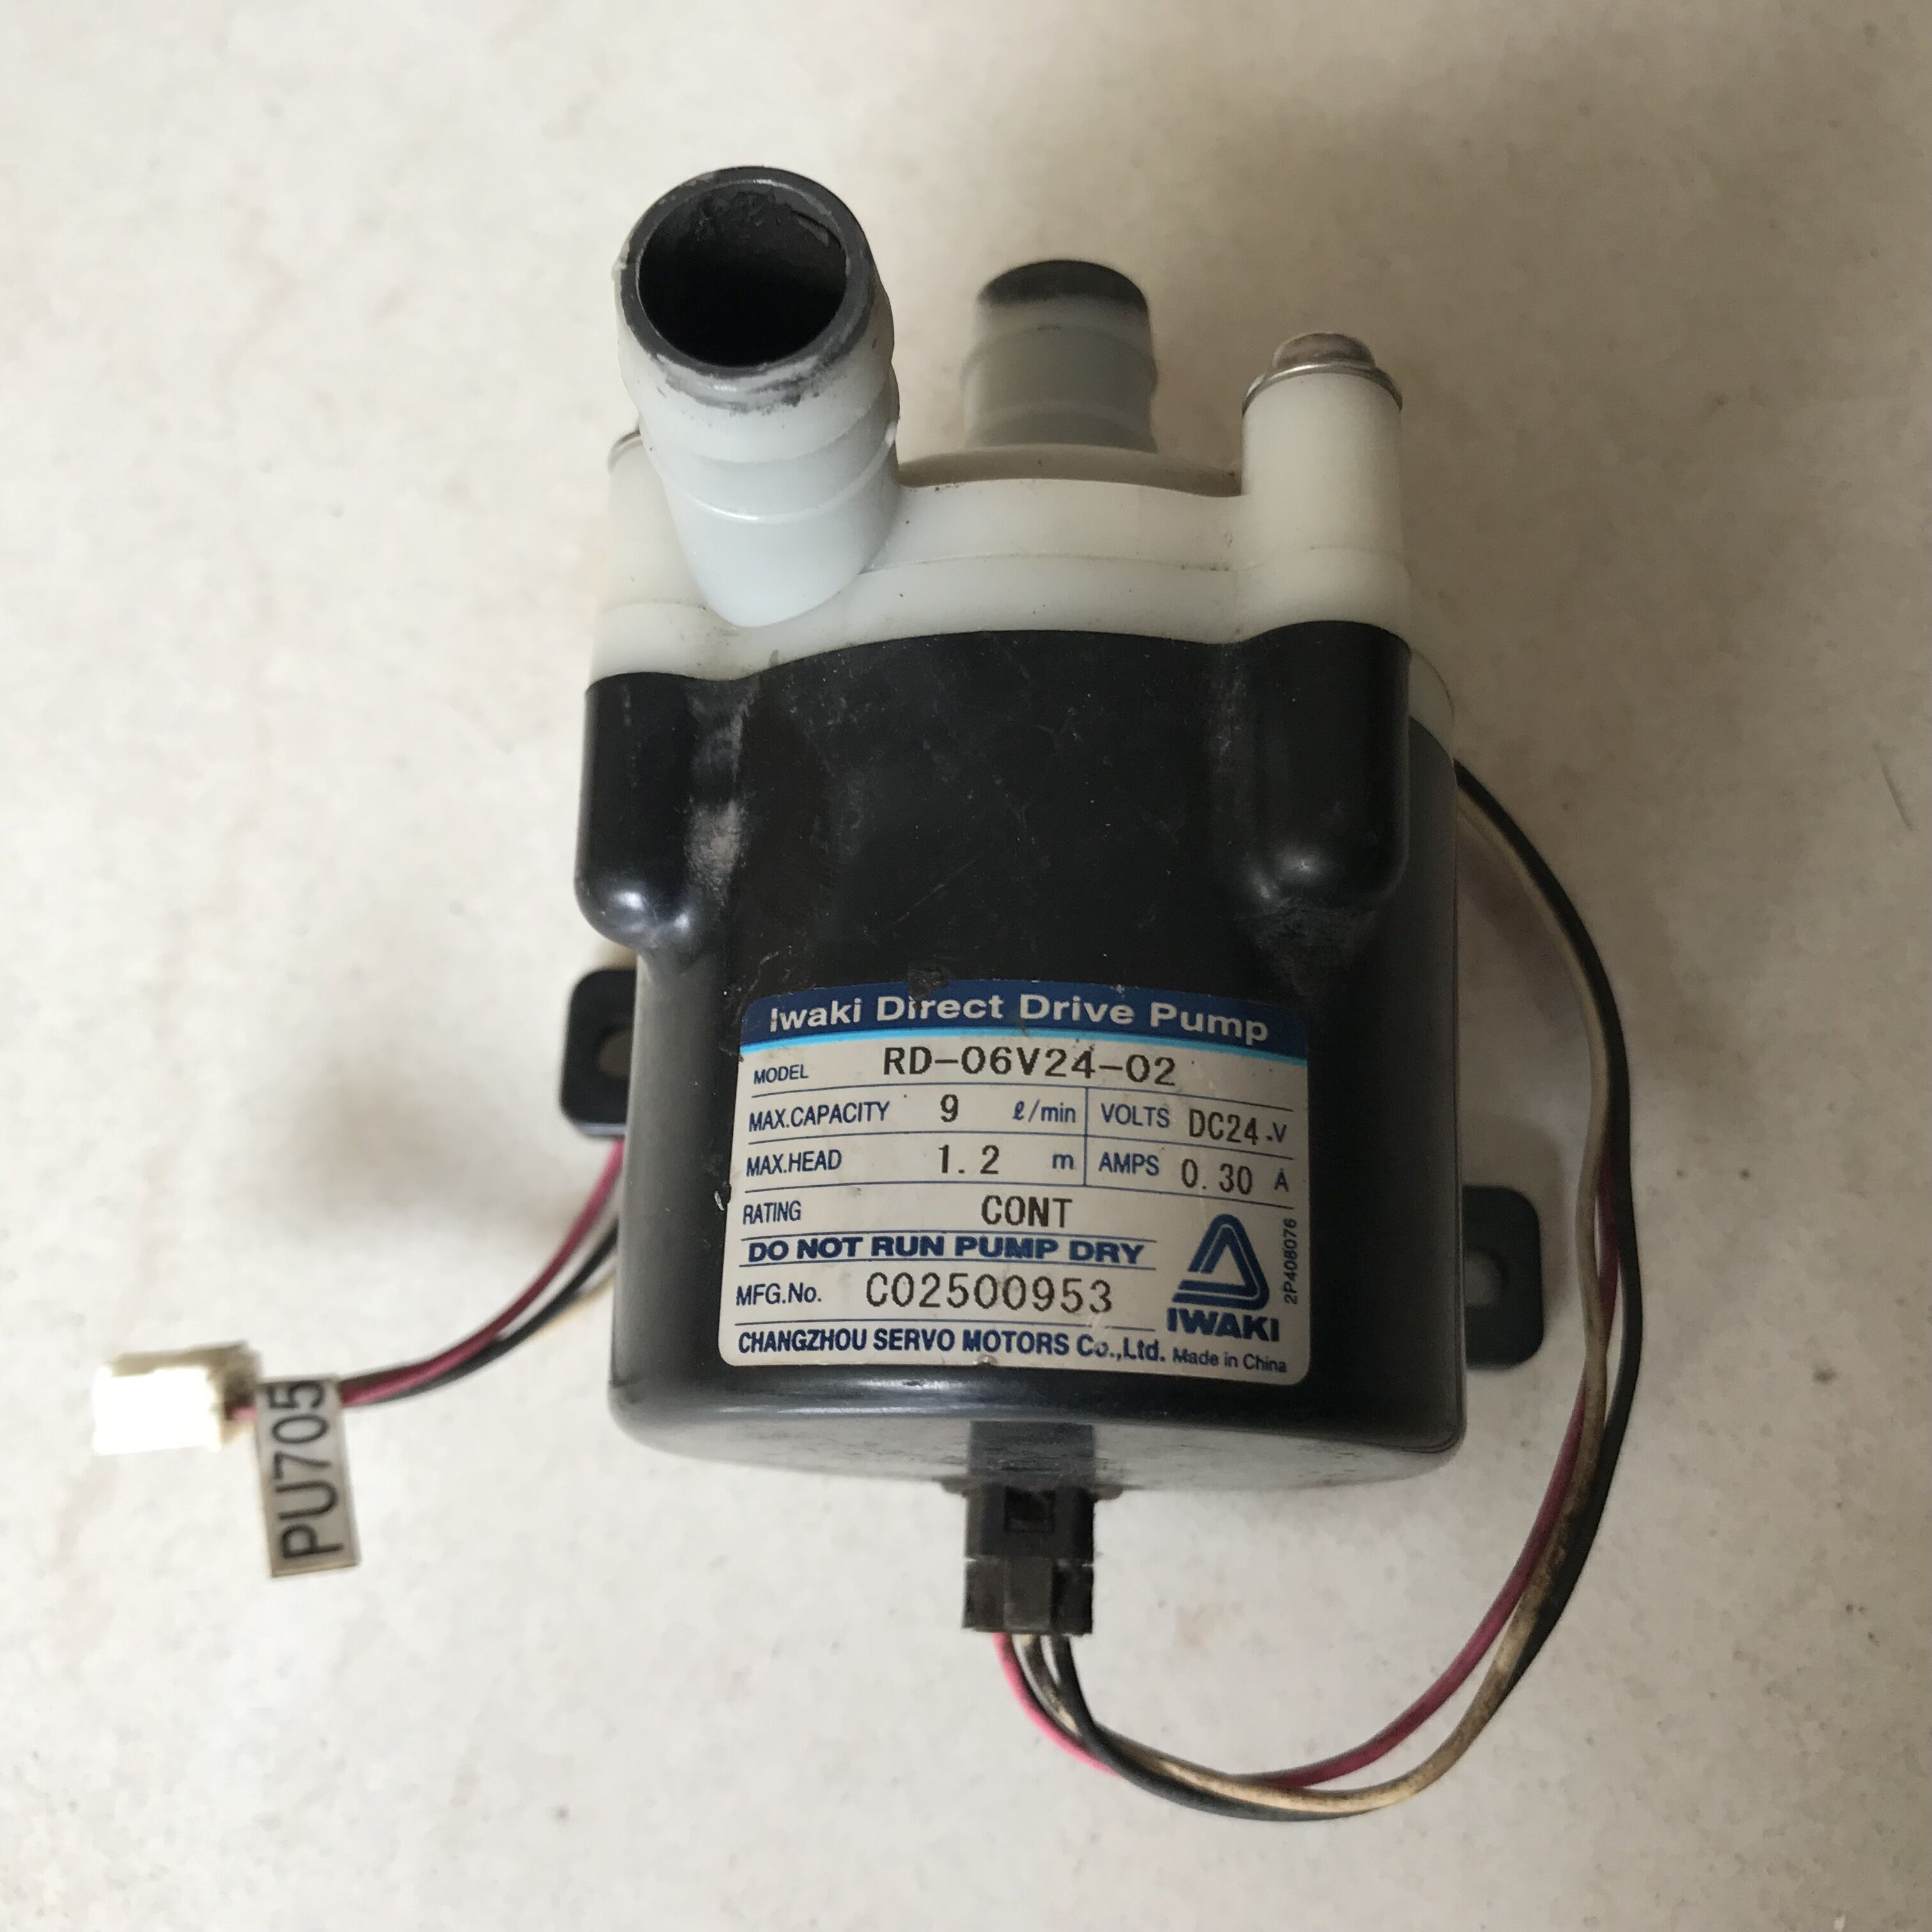 Used Fuji pump for 133Y100059 133C1060556 133C1060557 133C1060558 133C1060559 133C1060560 133C1060561 frontier 550 570